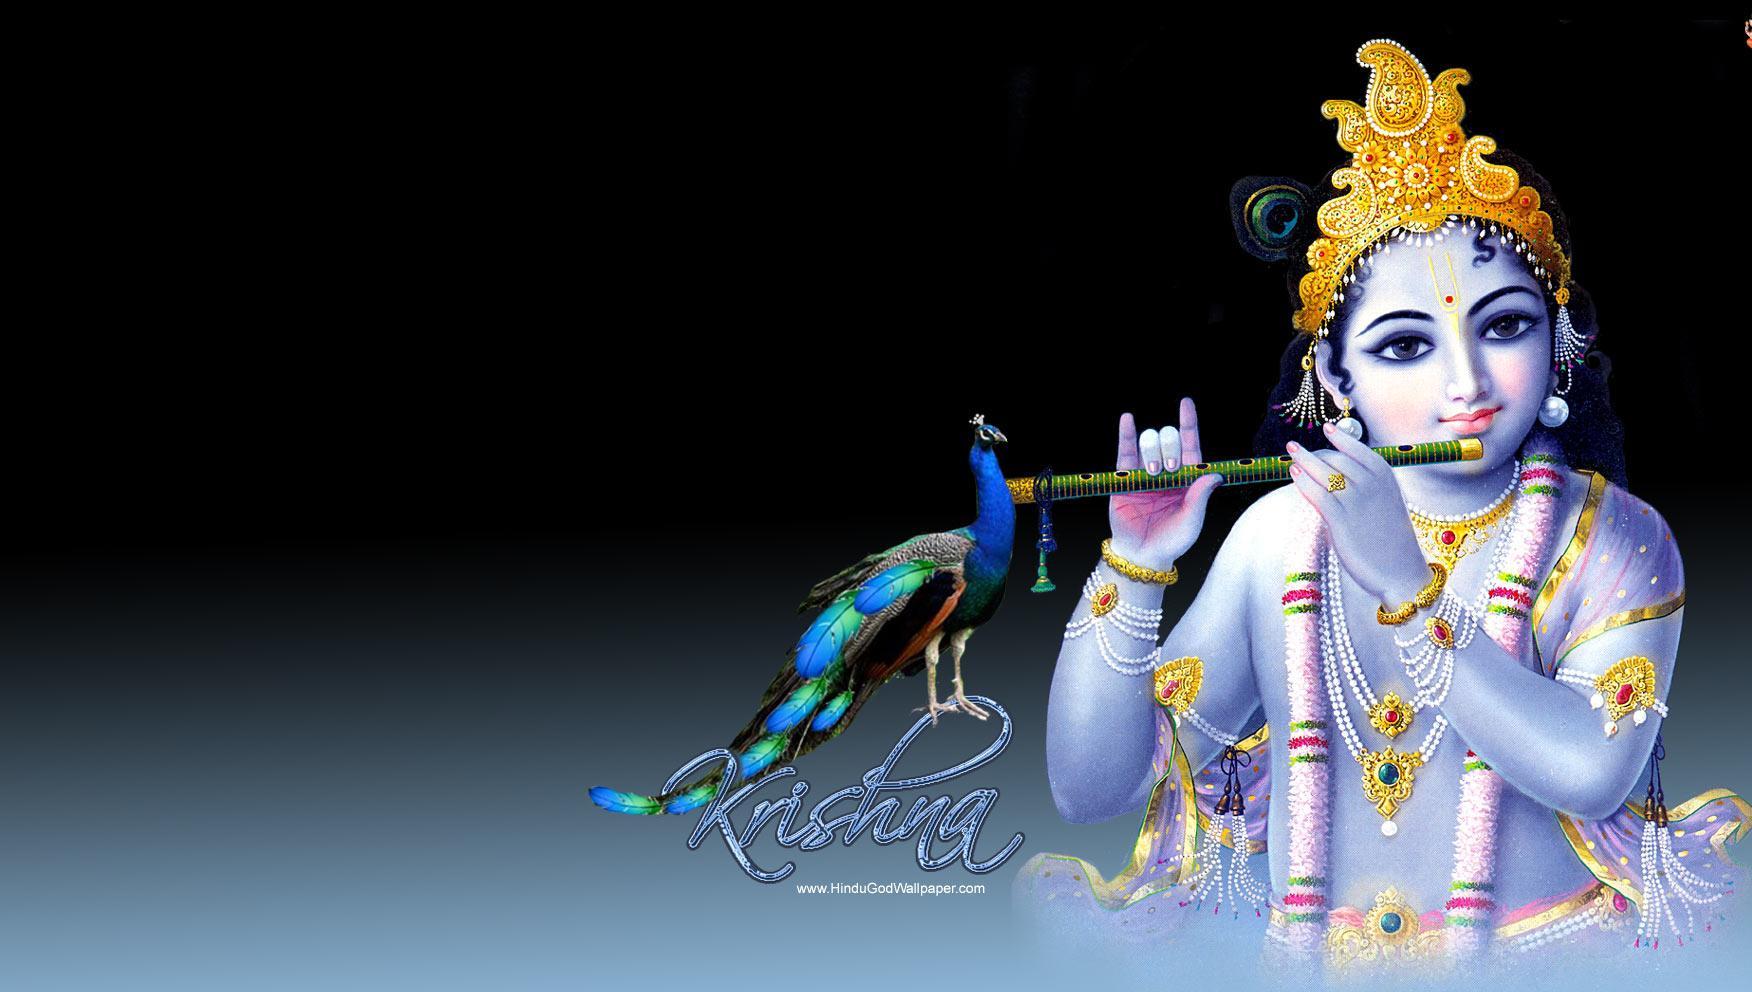 Radha Krishna Ji Taglist Page 1 - Krishna with flute